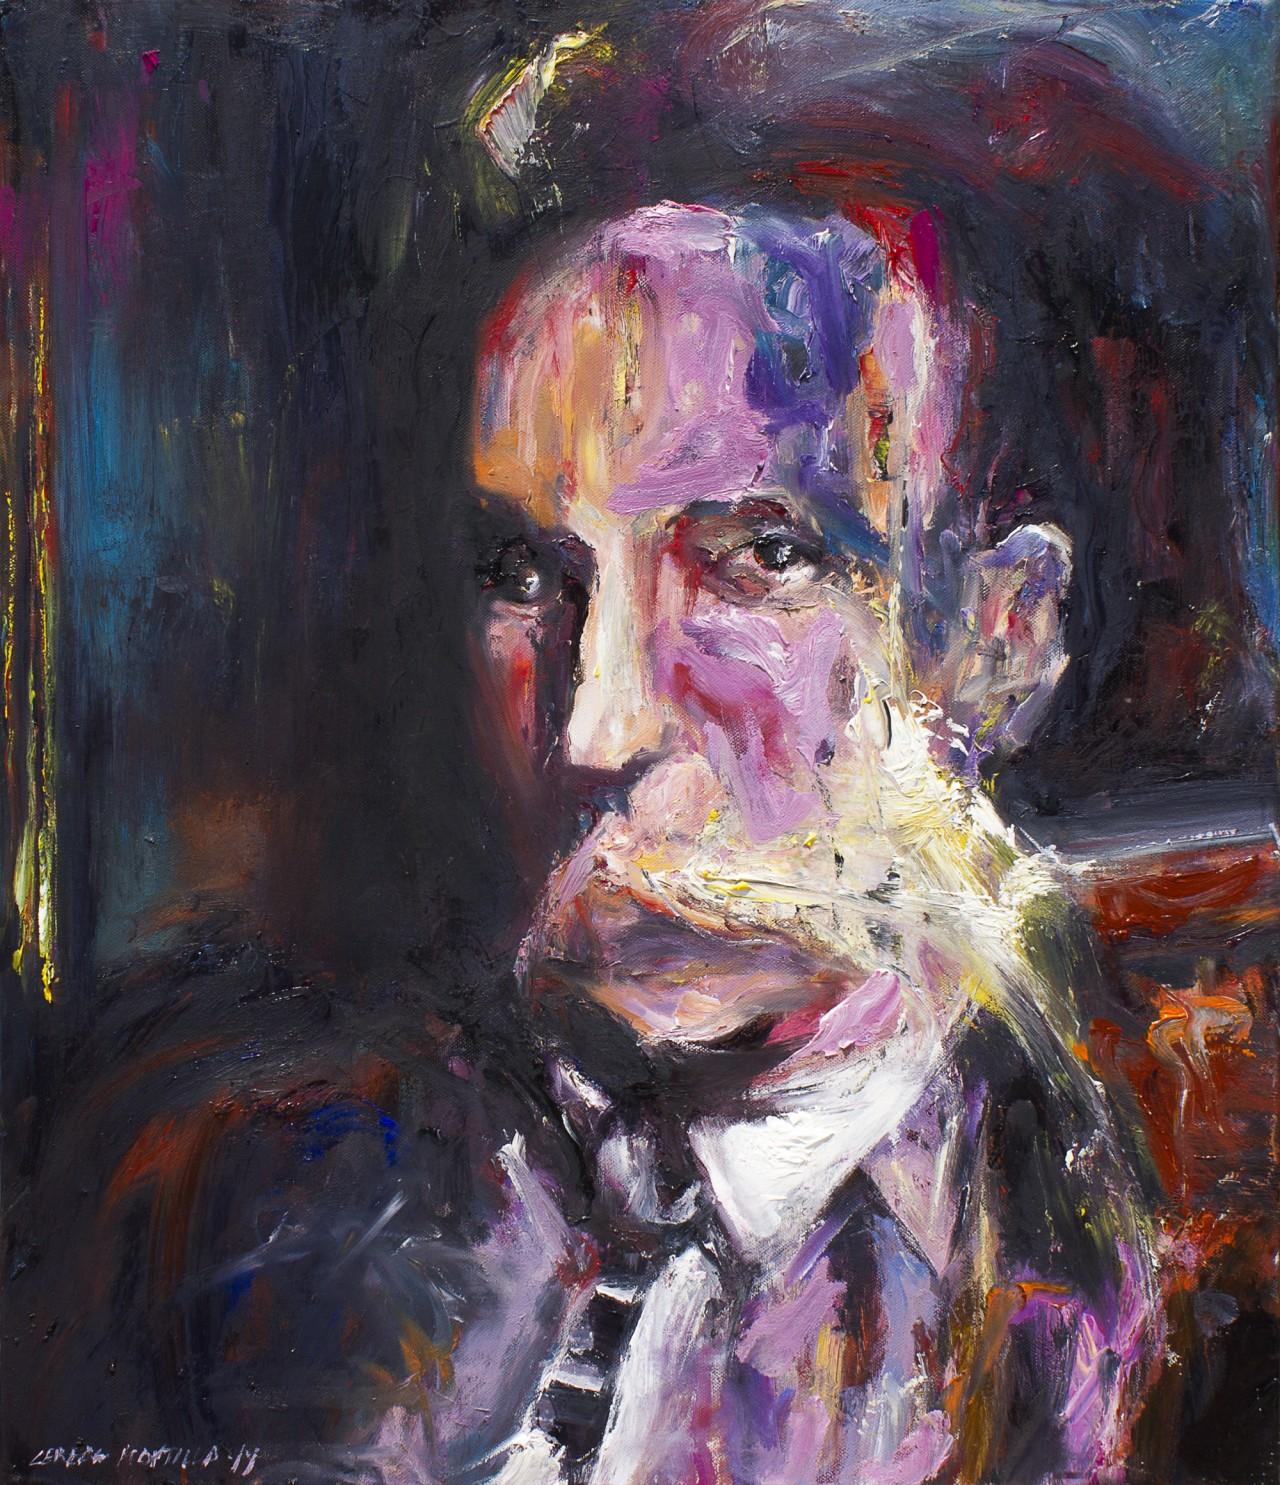 Ein Mann Porträt - Cerezo Montilla -